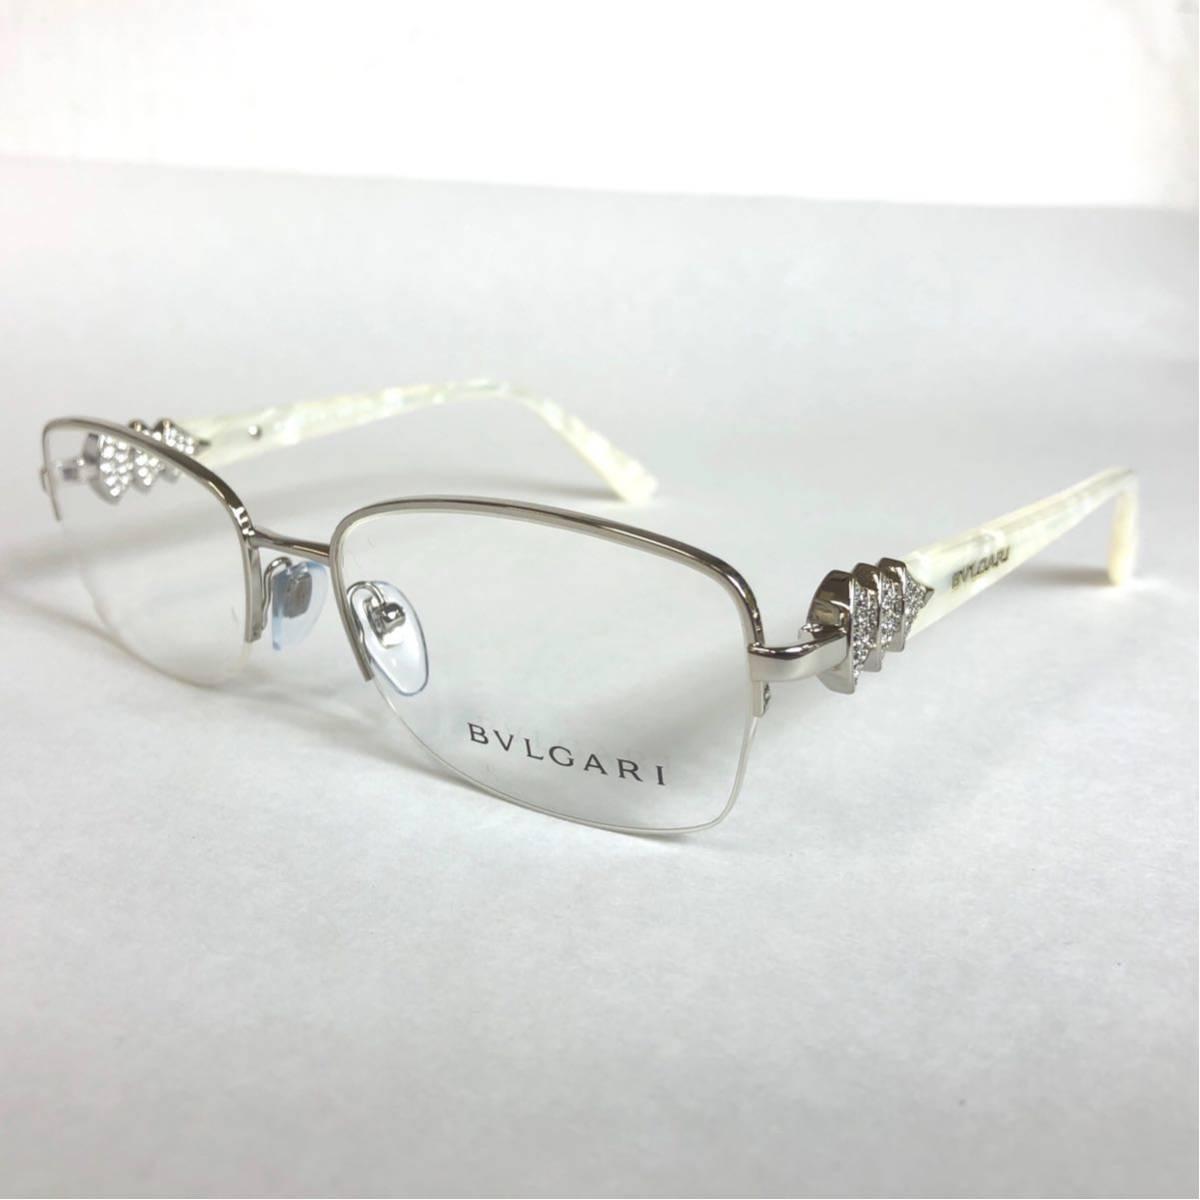 未使用 新品 BVLGARI 正規品 1円スタート ハーフリム 眼鏡フレーム 2162-B ホワイトマーブル めがね ブルガリ イタリア製 N38